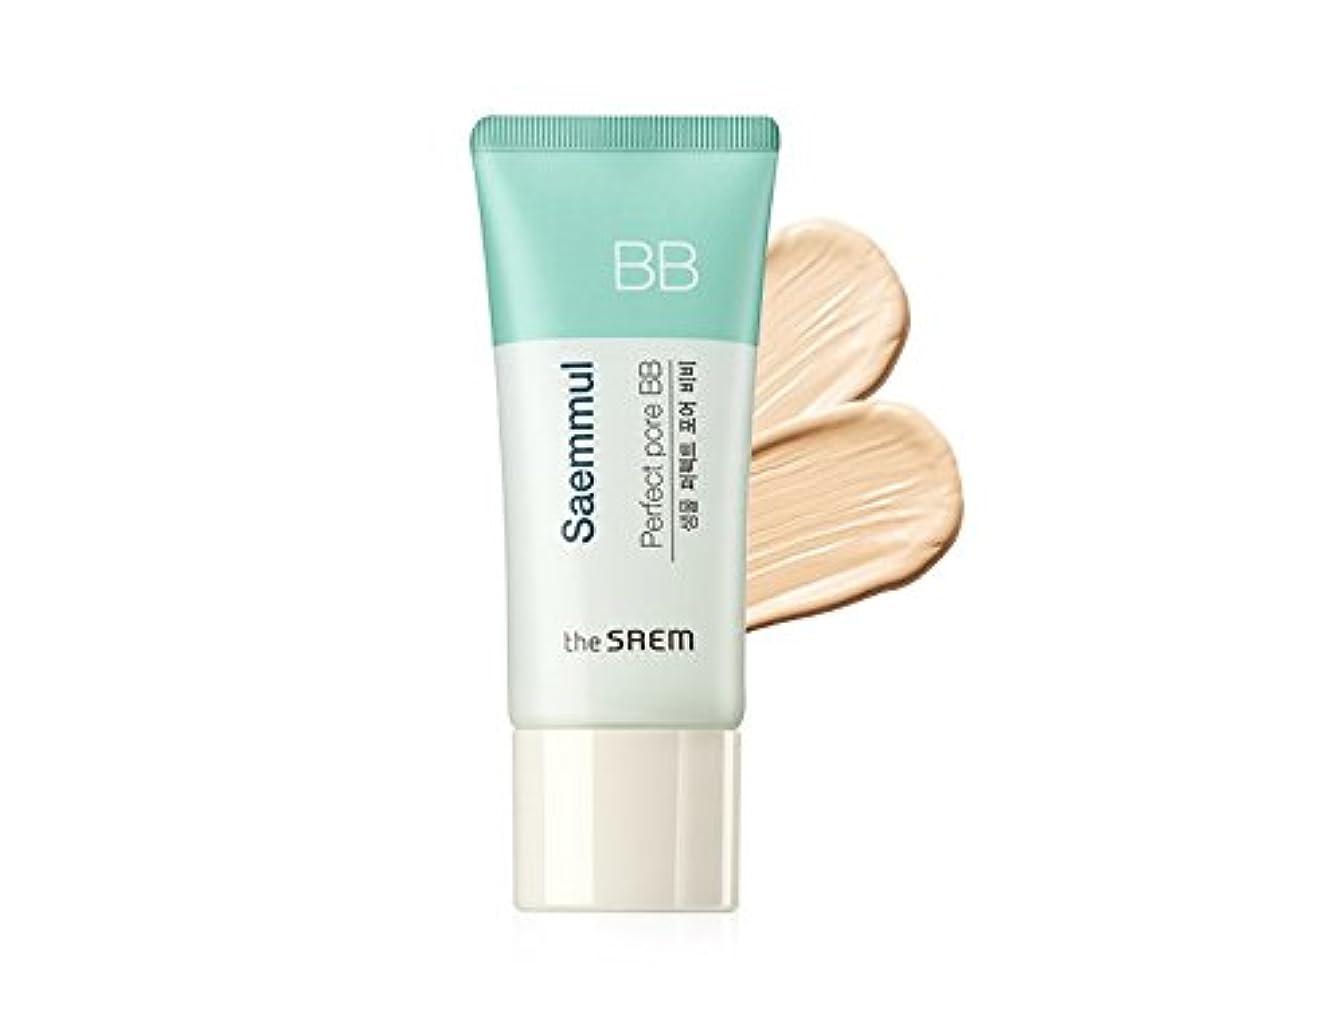 才能のある懲らしめあたりThe Saem Saemmul Perfect Pore BB Cream (Primer + BB) セームセムムルパーフェクトポアBBクリーム(プライマー+ BB)海外直送商品 (#01)